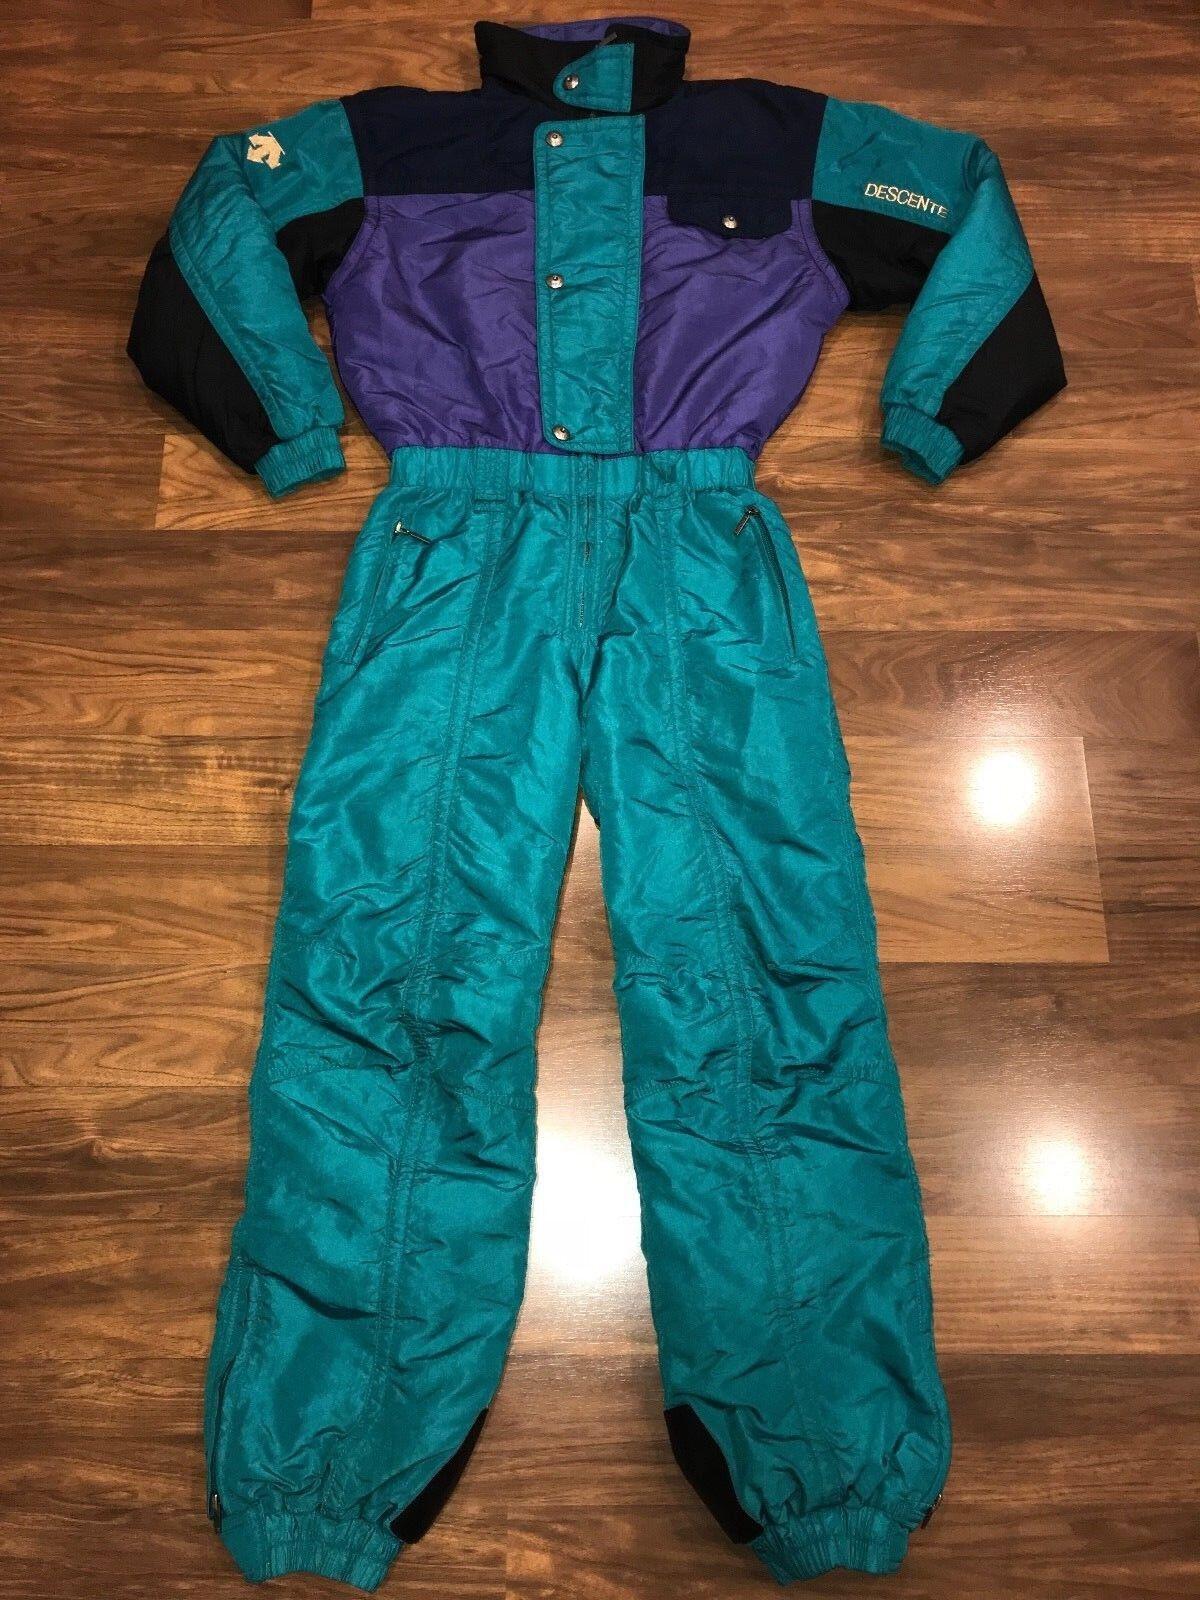 Vtg 80s 90s DESCENTE Womens Small SKI SUIT One piece Snow Bib Coat Snowsuit S